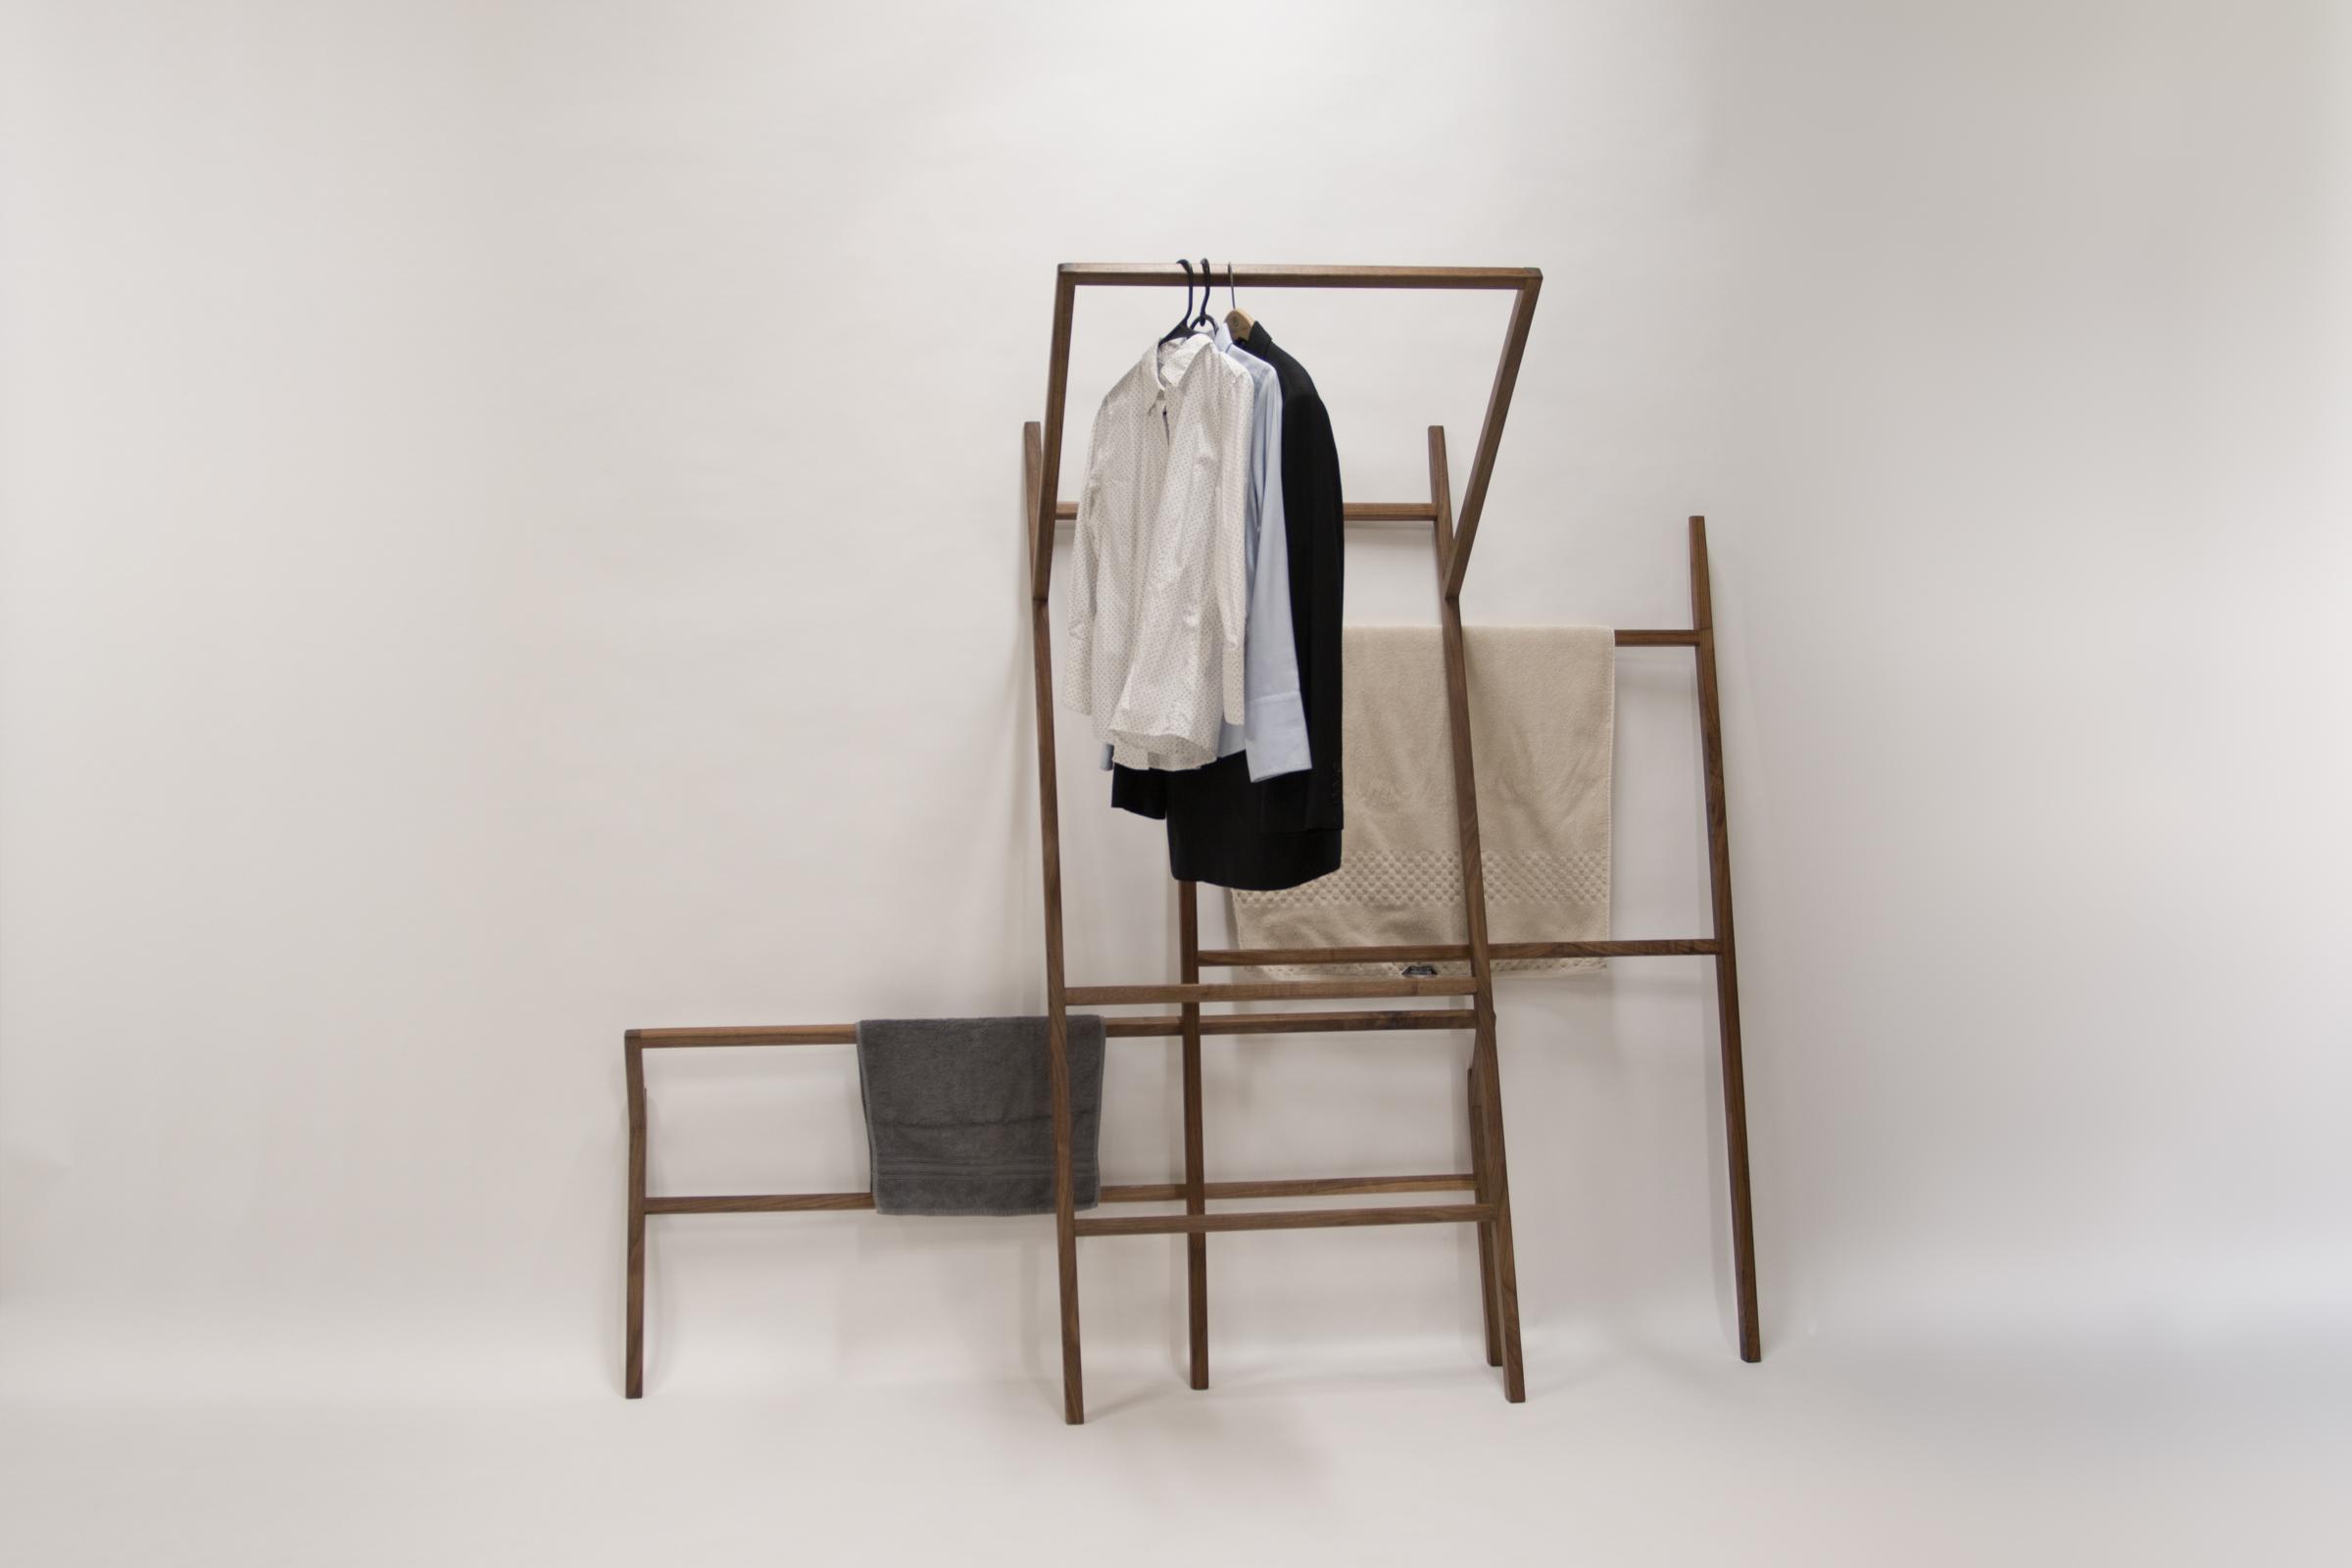 ladders-3.jpg